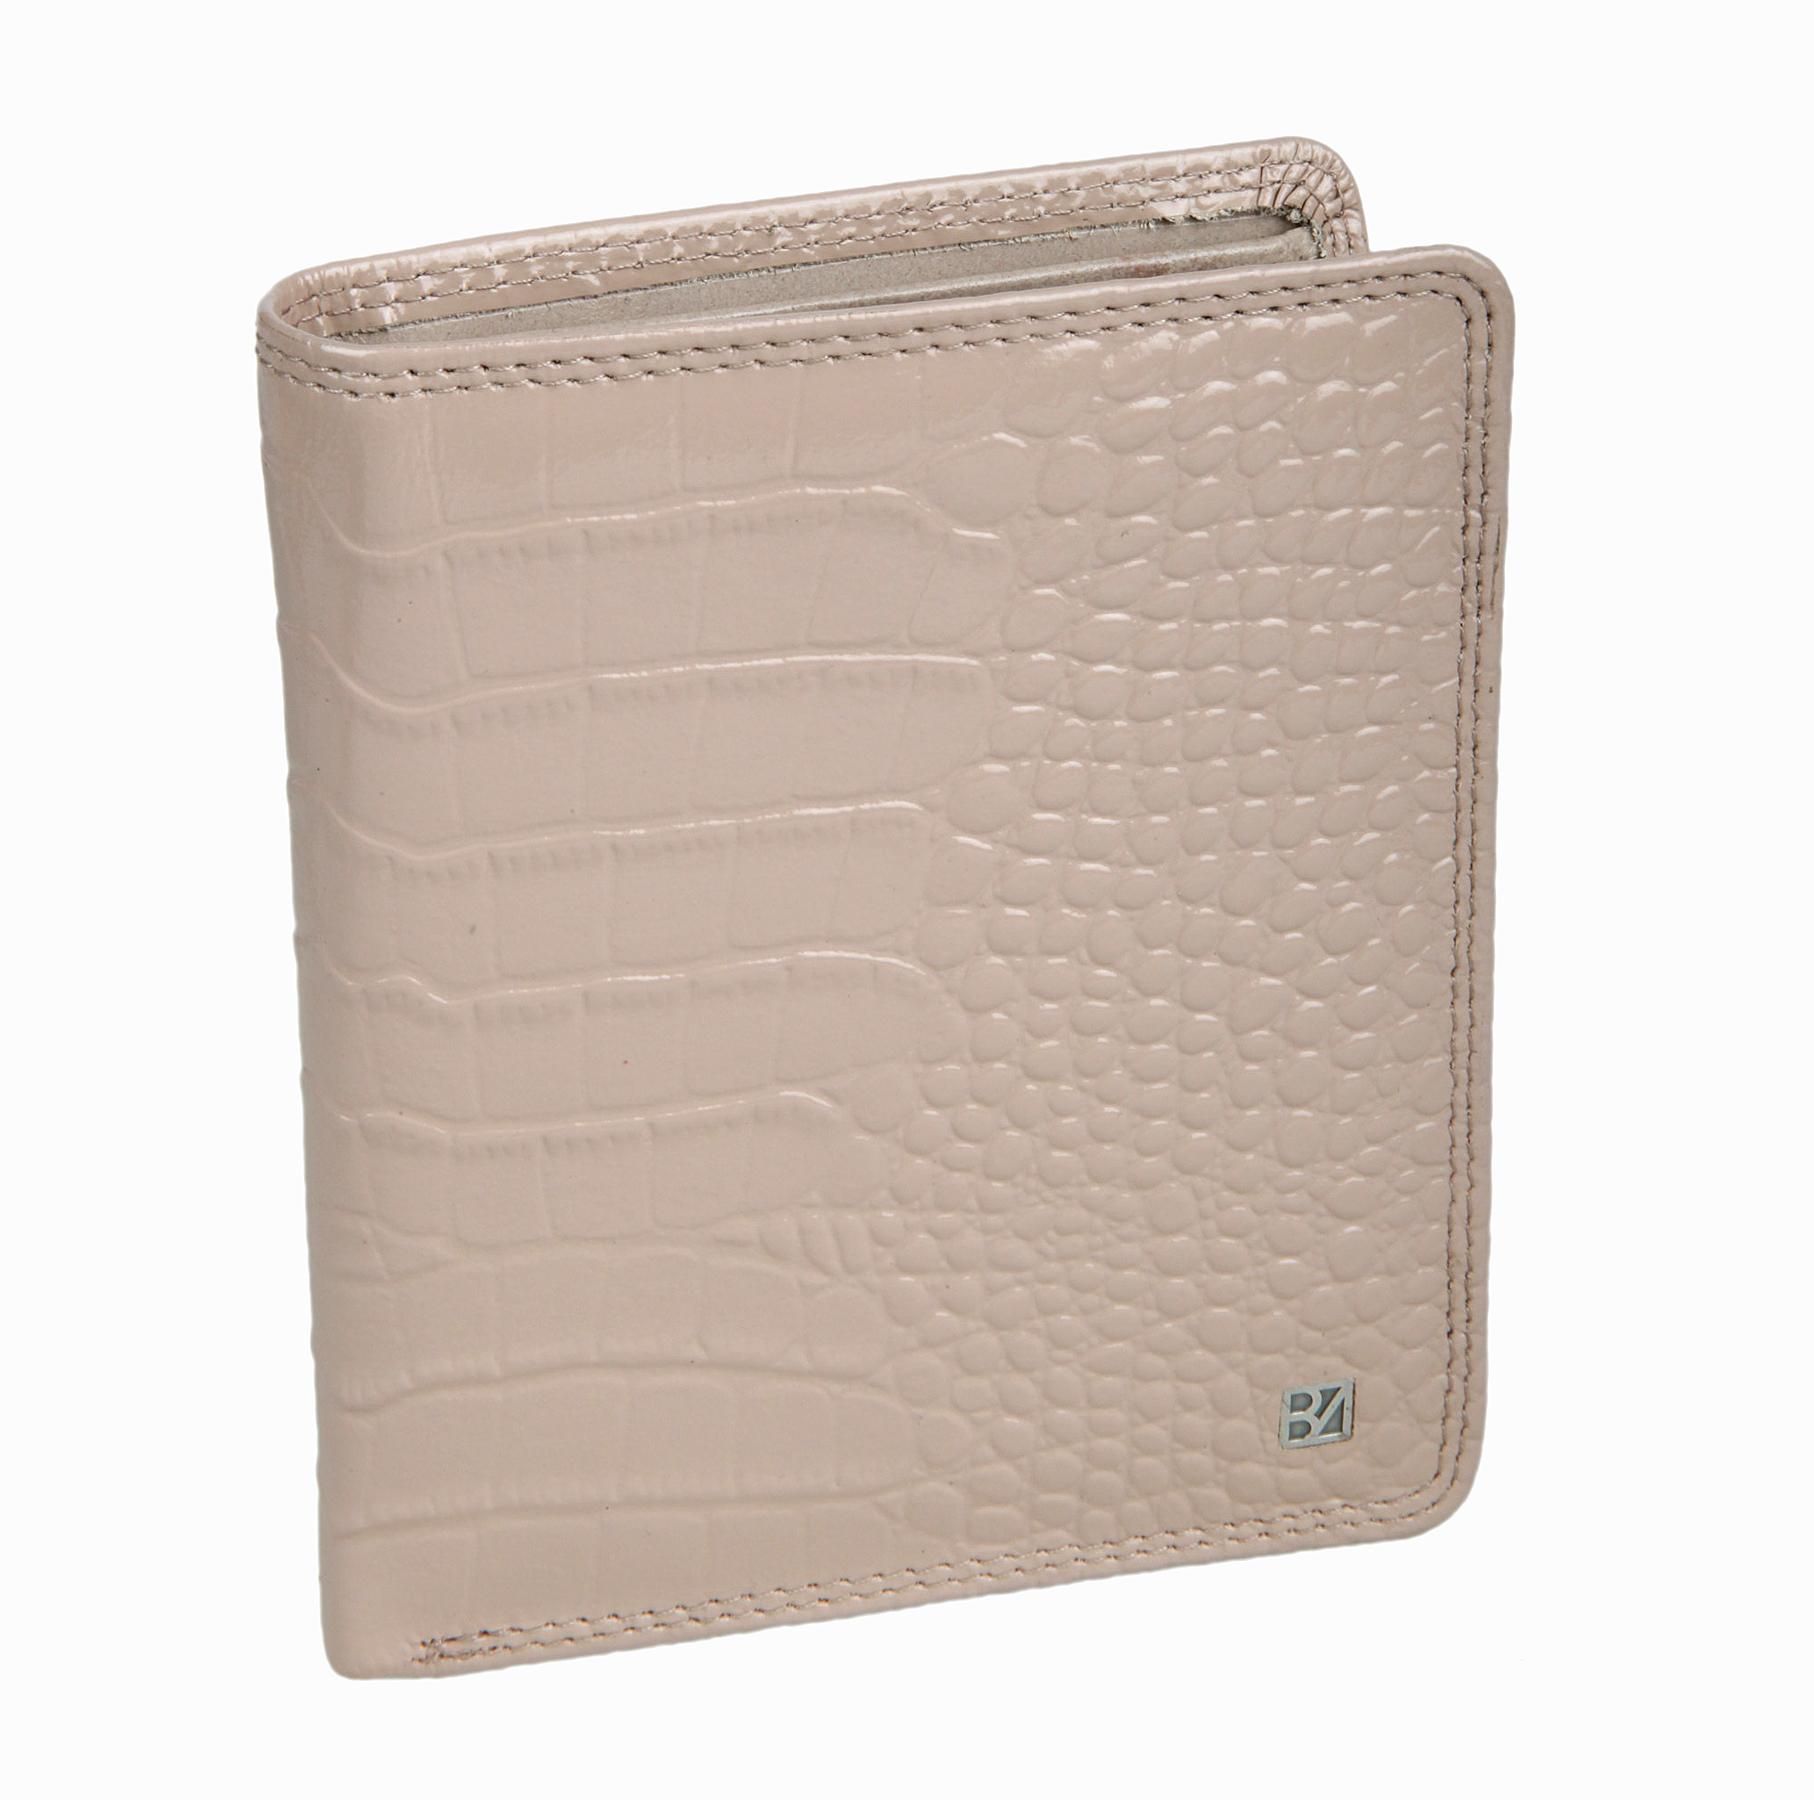 Портмоне женское Bodenschatz, цвет: бежевый. 4-762 sand4-762 sandРаскладывается пополам, внутри два отделение для купюр, девять кармашков для пластиковых карт, сетчатый карман для пропуска, карман для мелочи на кнопке, пять карманов для документов.